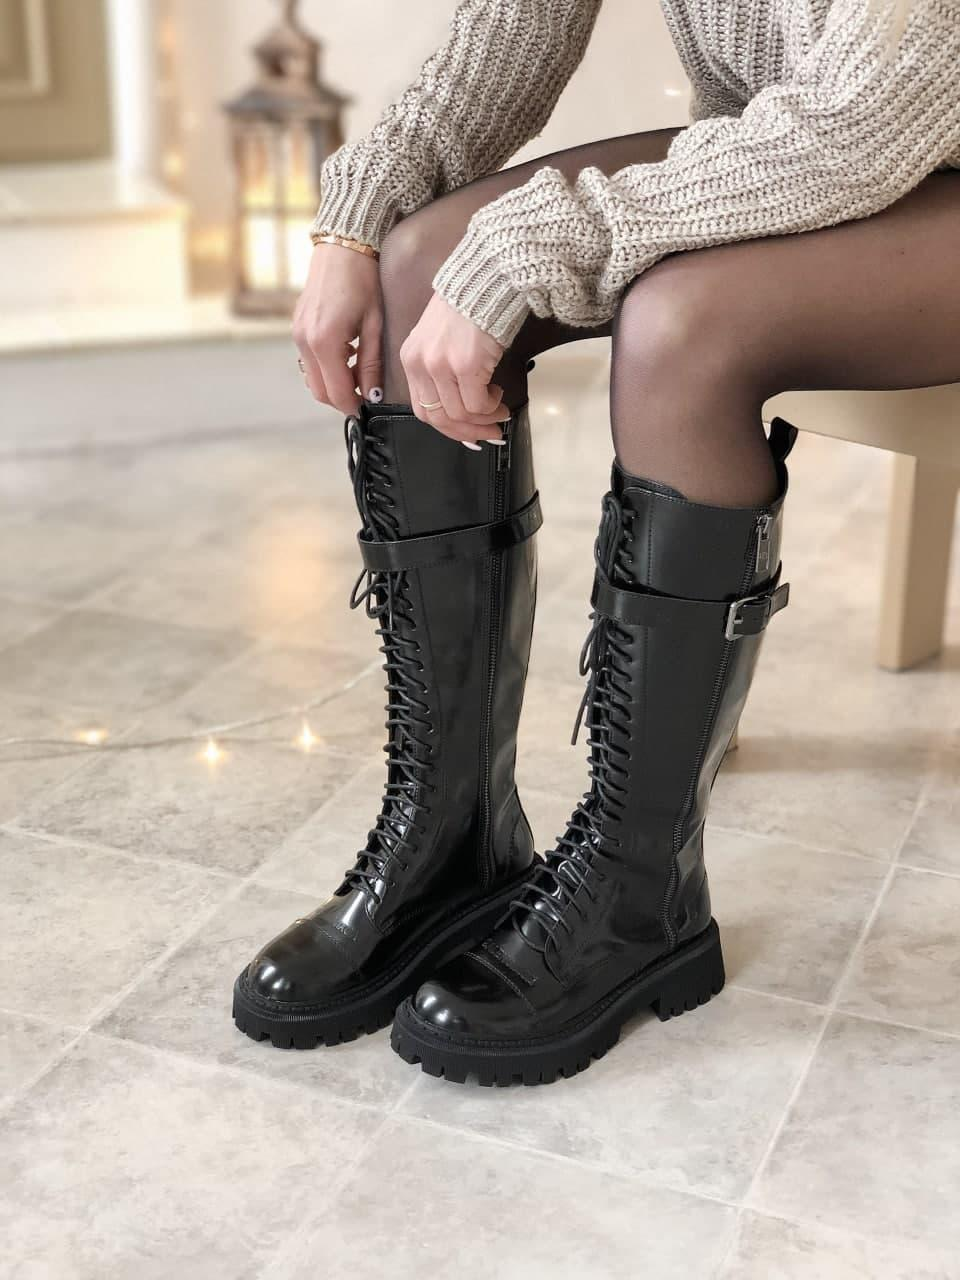 Черевики жіночі Balenciaga Tractor масло-шкіра